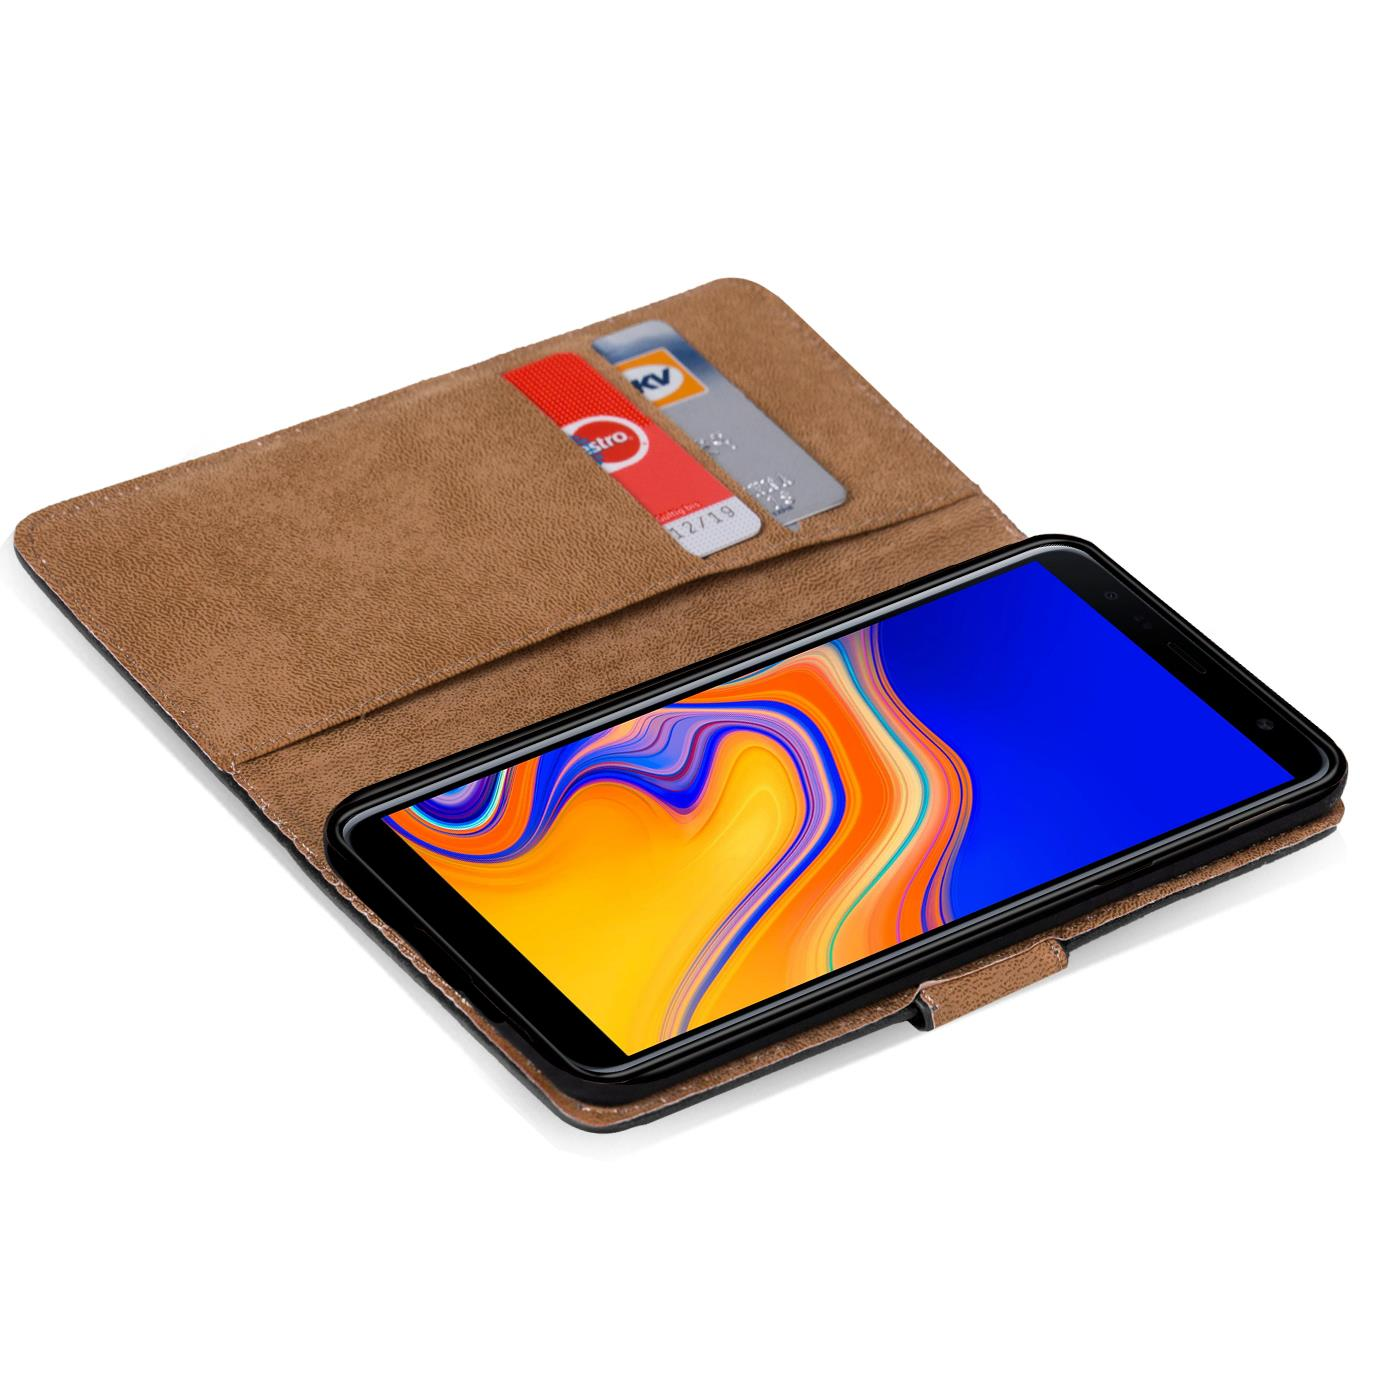 Samsung-Galaxy-A7-2018-Handy-Klapp-Tasche-Schutz-Huelle-Book-Flip-Cover-Case-Etui Indexbild 22